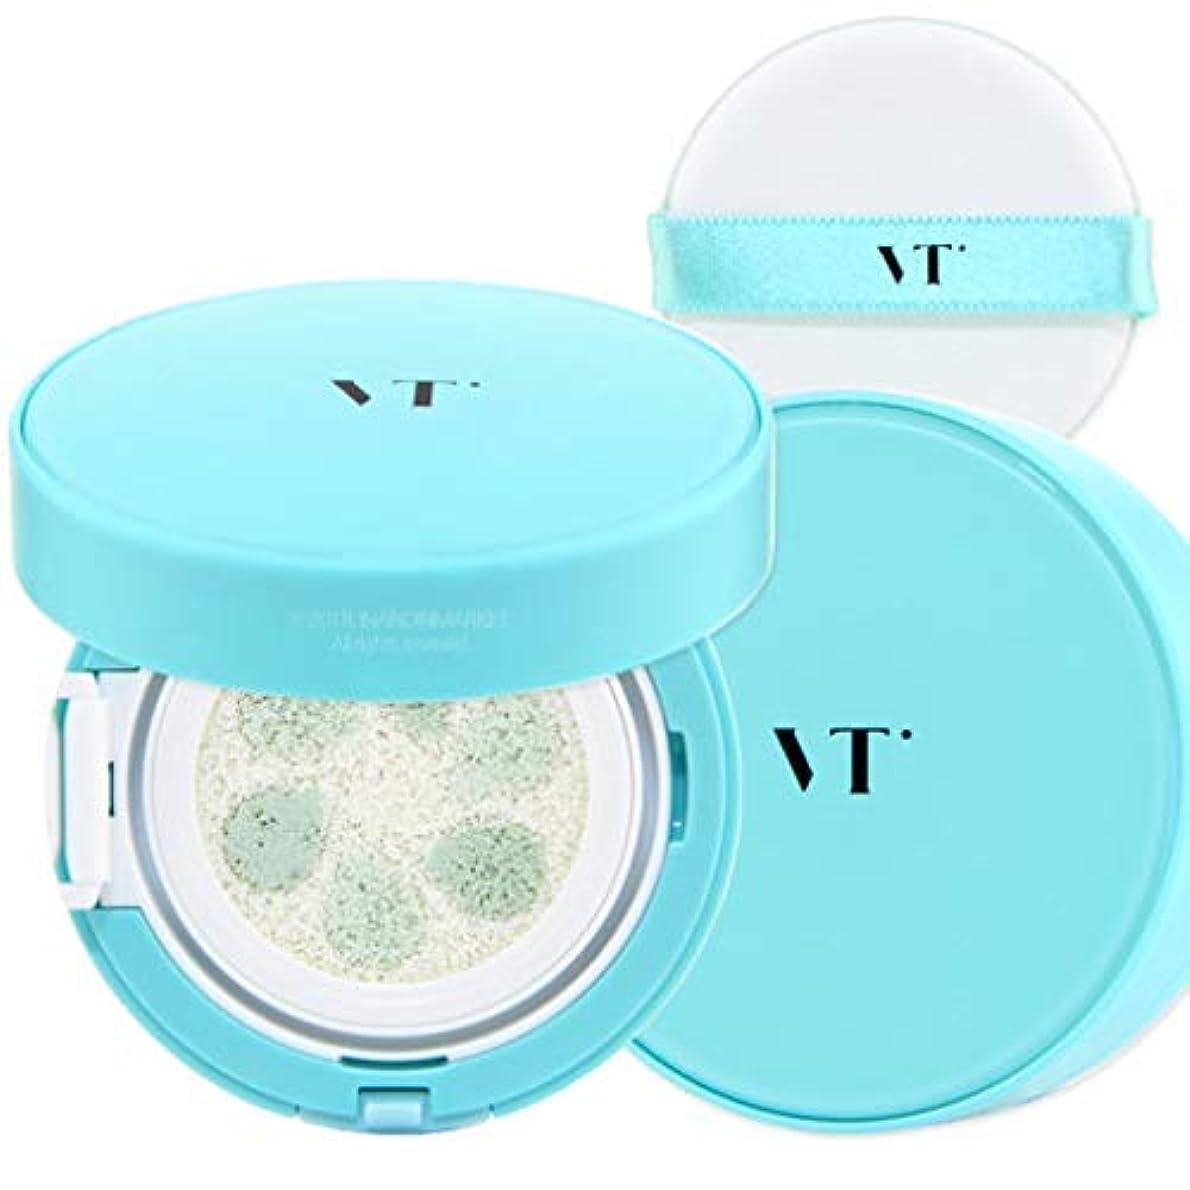 についてエレメンタル相関するVT Cosmetic Phyto Sun Cushion サンクッション 本品11g, SPF50+/PA++++